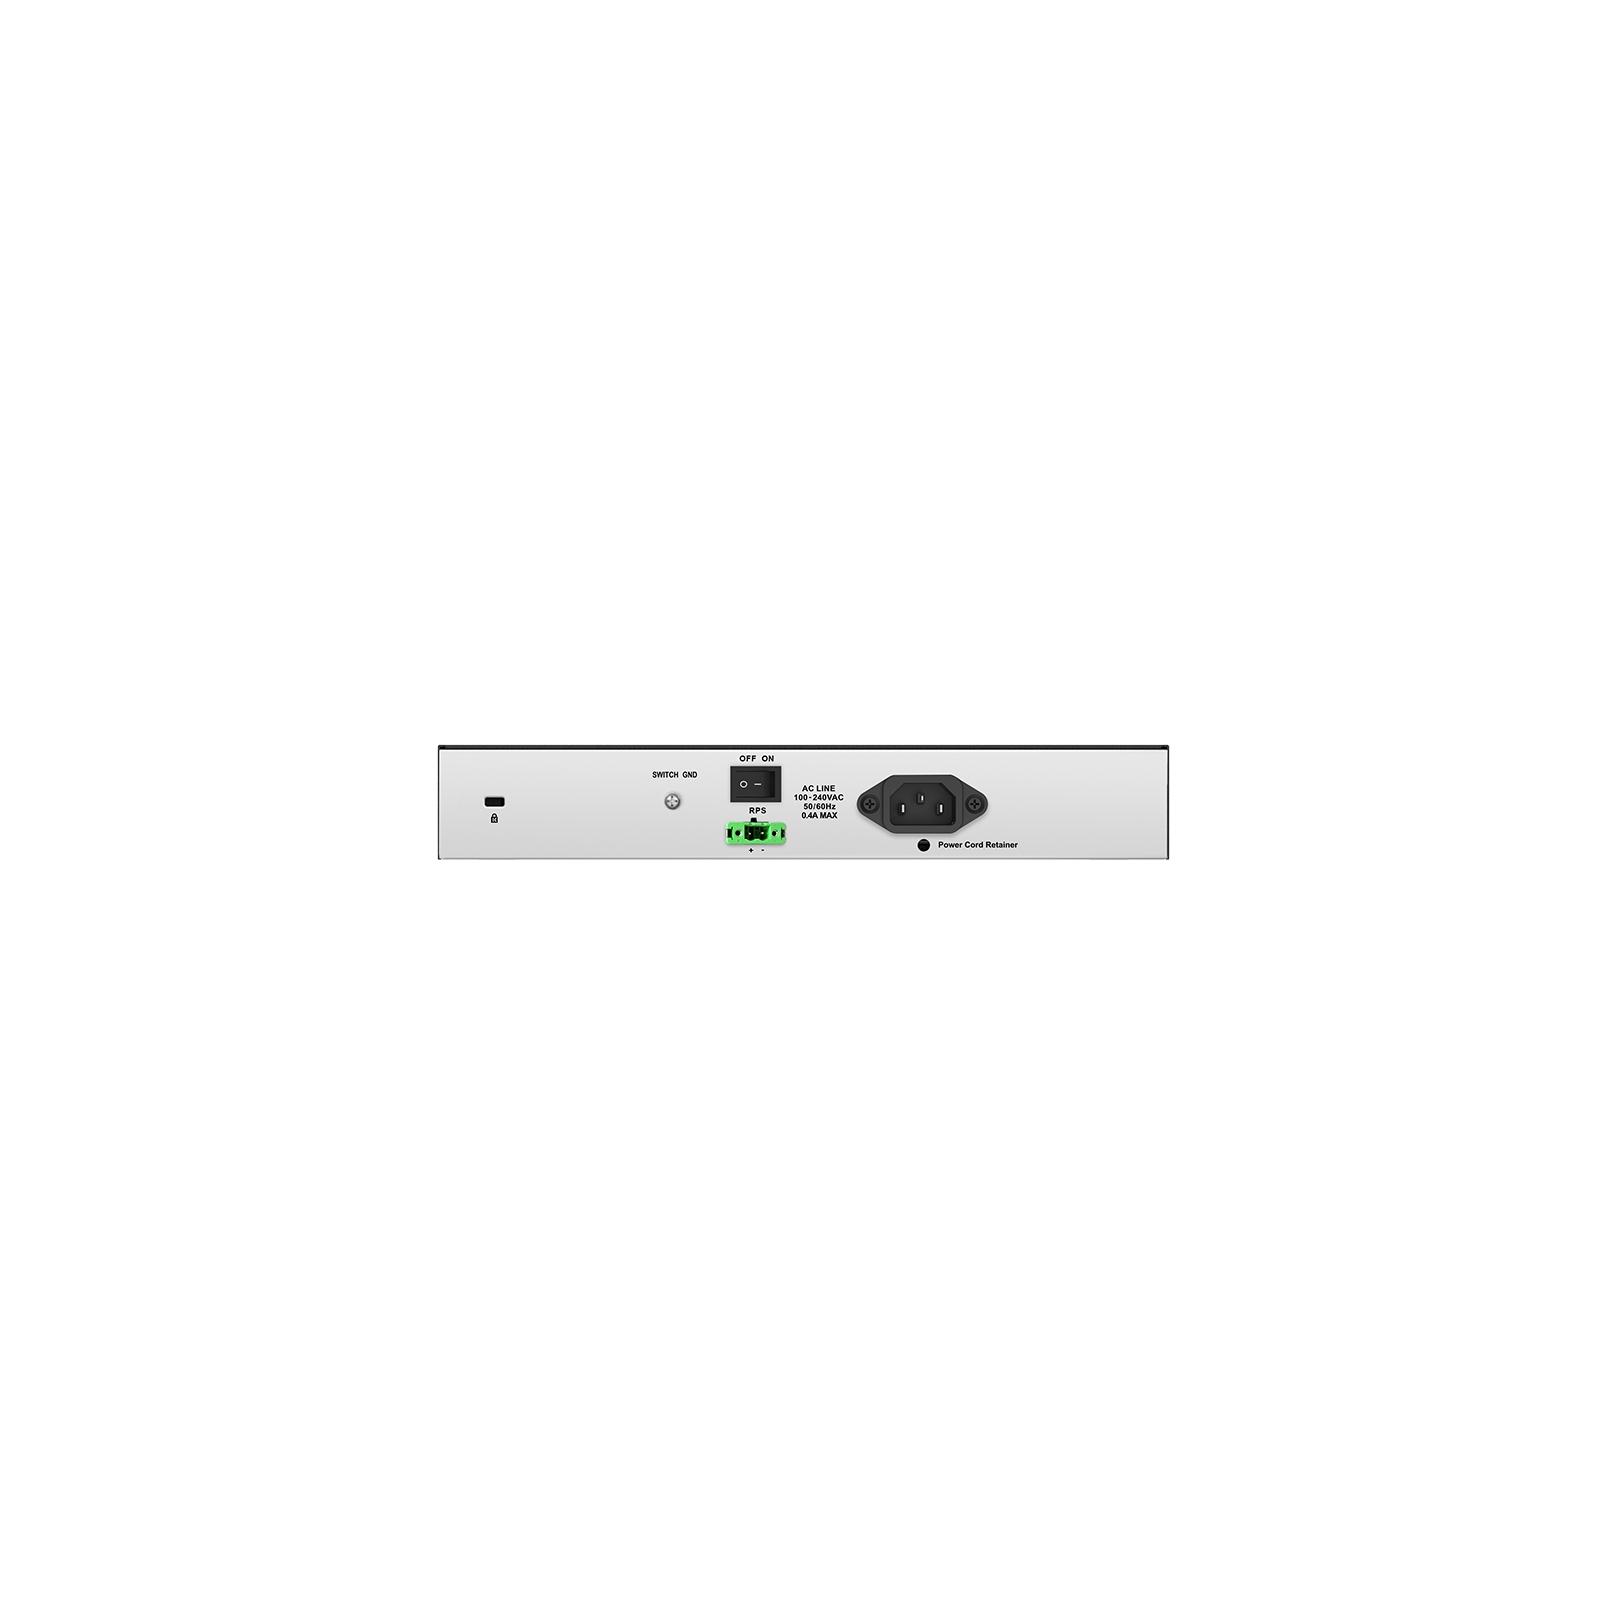 Коммутатор сетевой D-Link DGS-1210-12TS/ME изображение 3